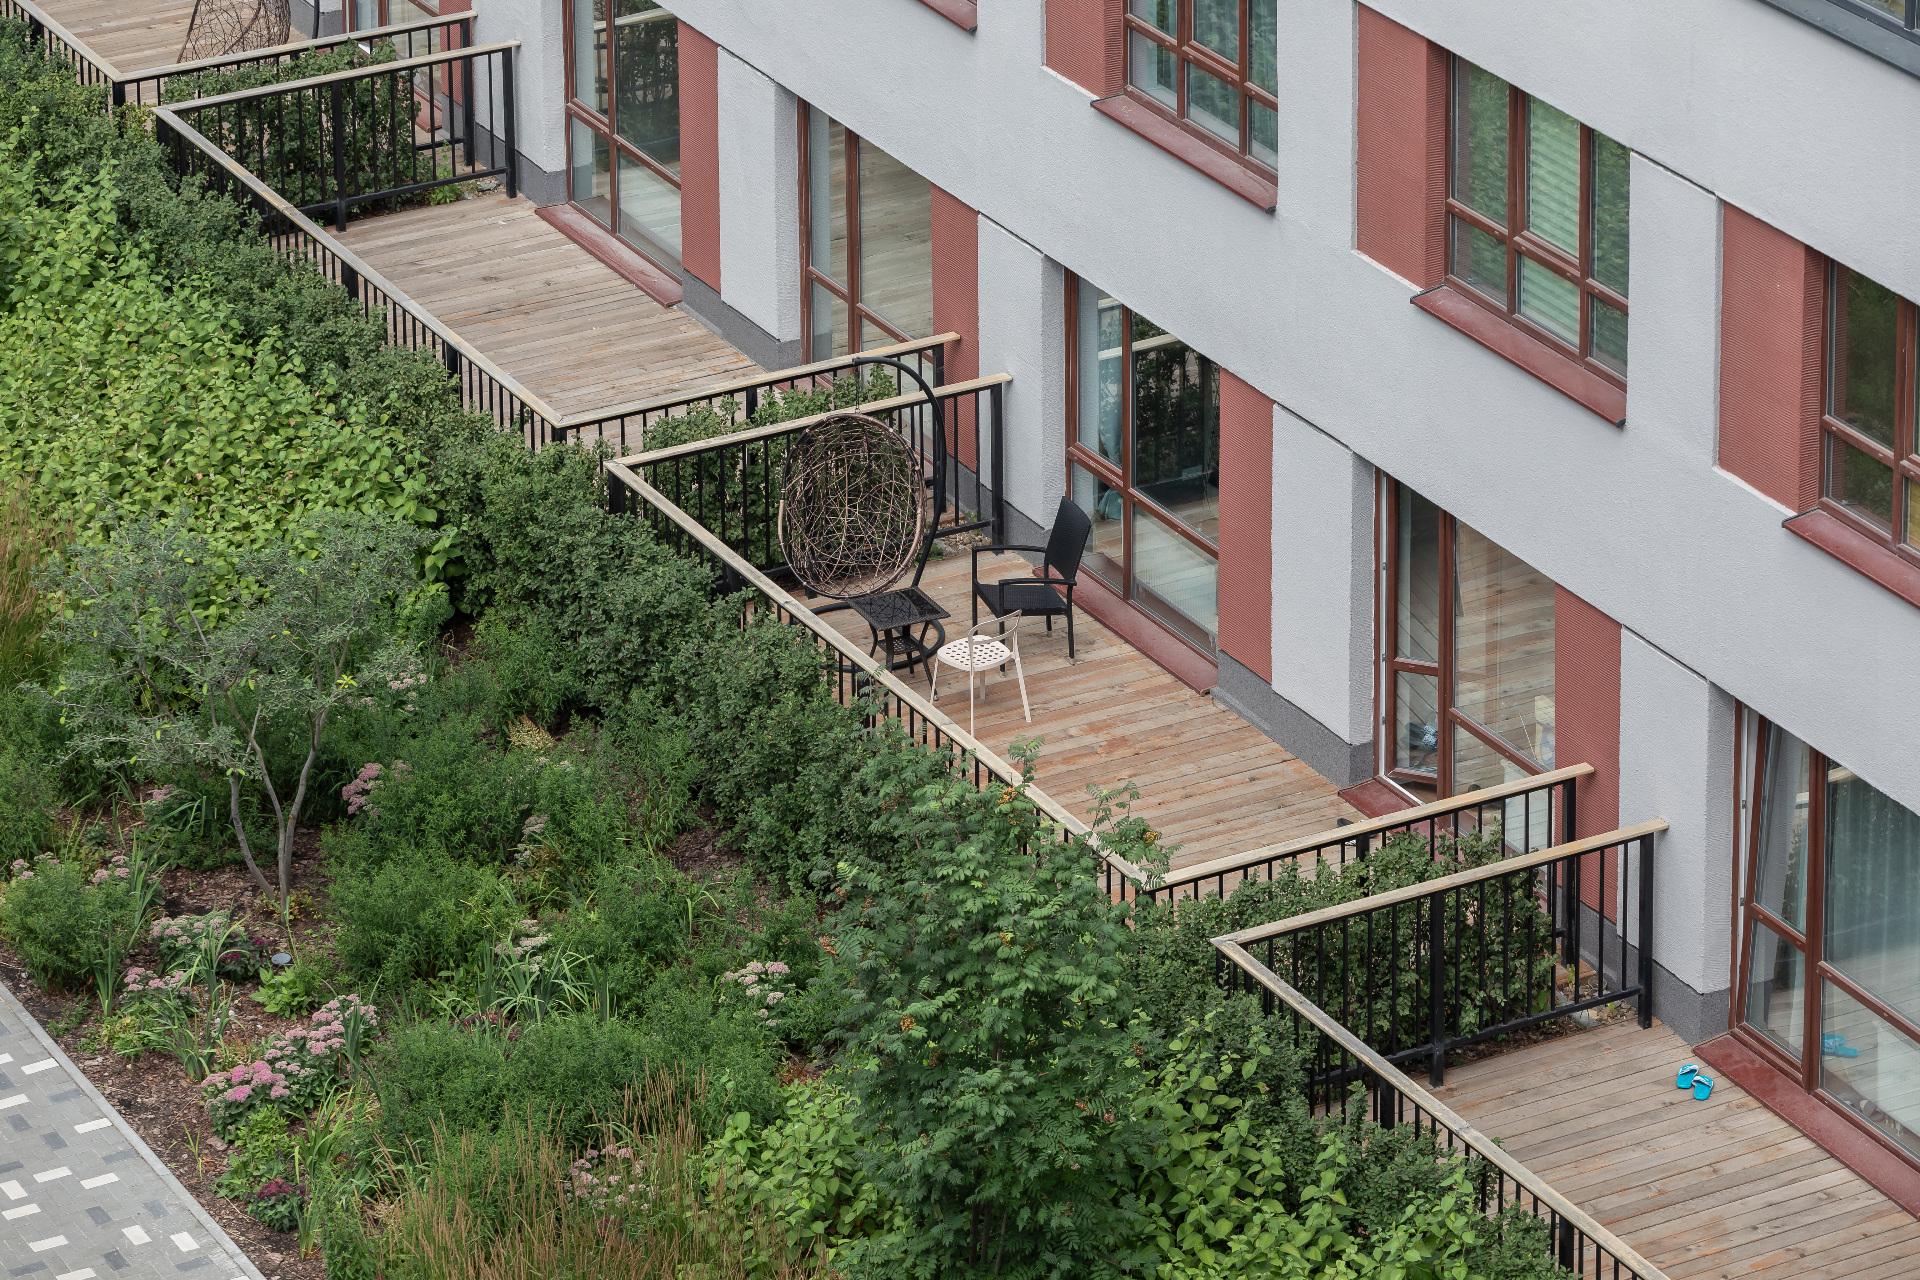 На уровне квартиры явной постпандемийнойтенденцией можно считать рост привлекательности балконов и лоджий в жилых домах